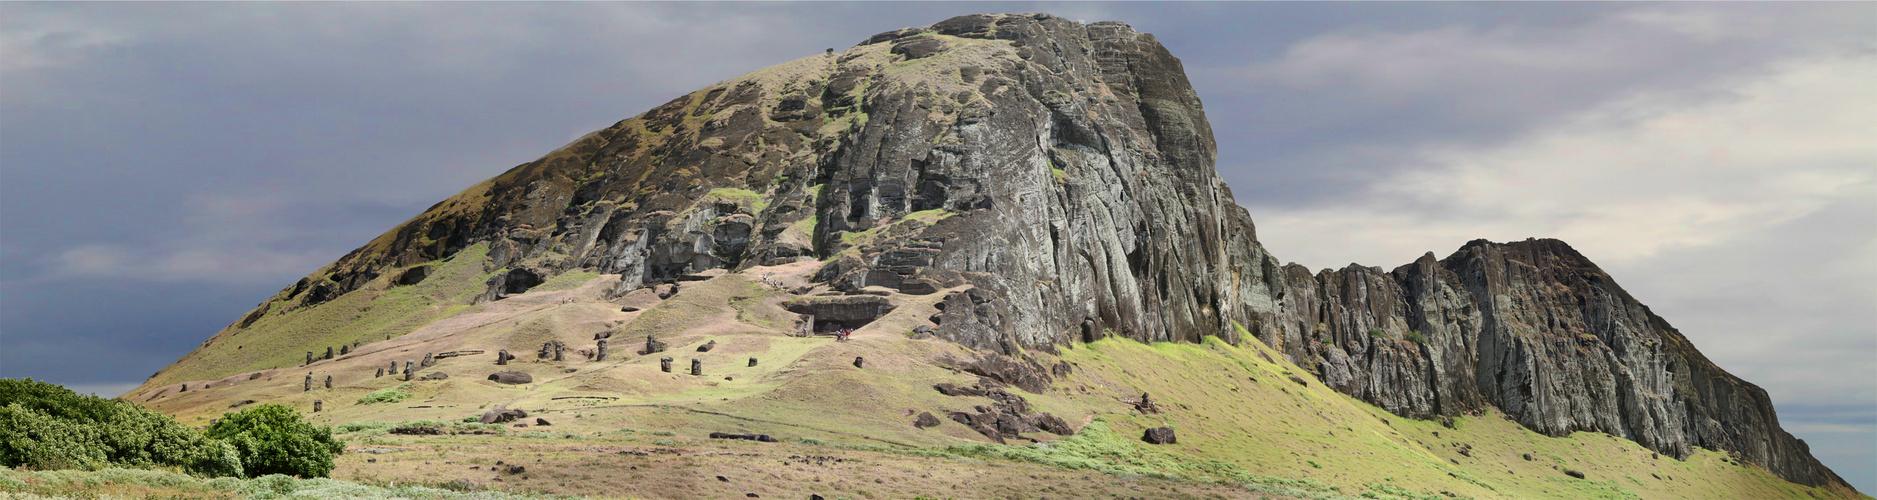 Rano Raraku – die Bildhauerwerkstatt der Moai's auf Rapa Nui (Osterinsel)